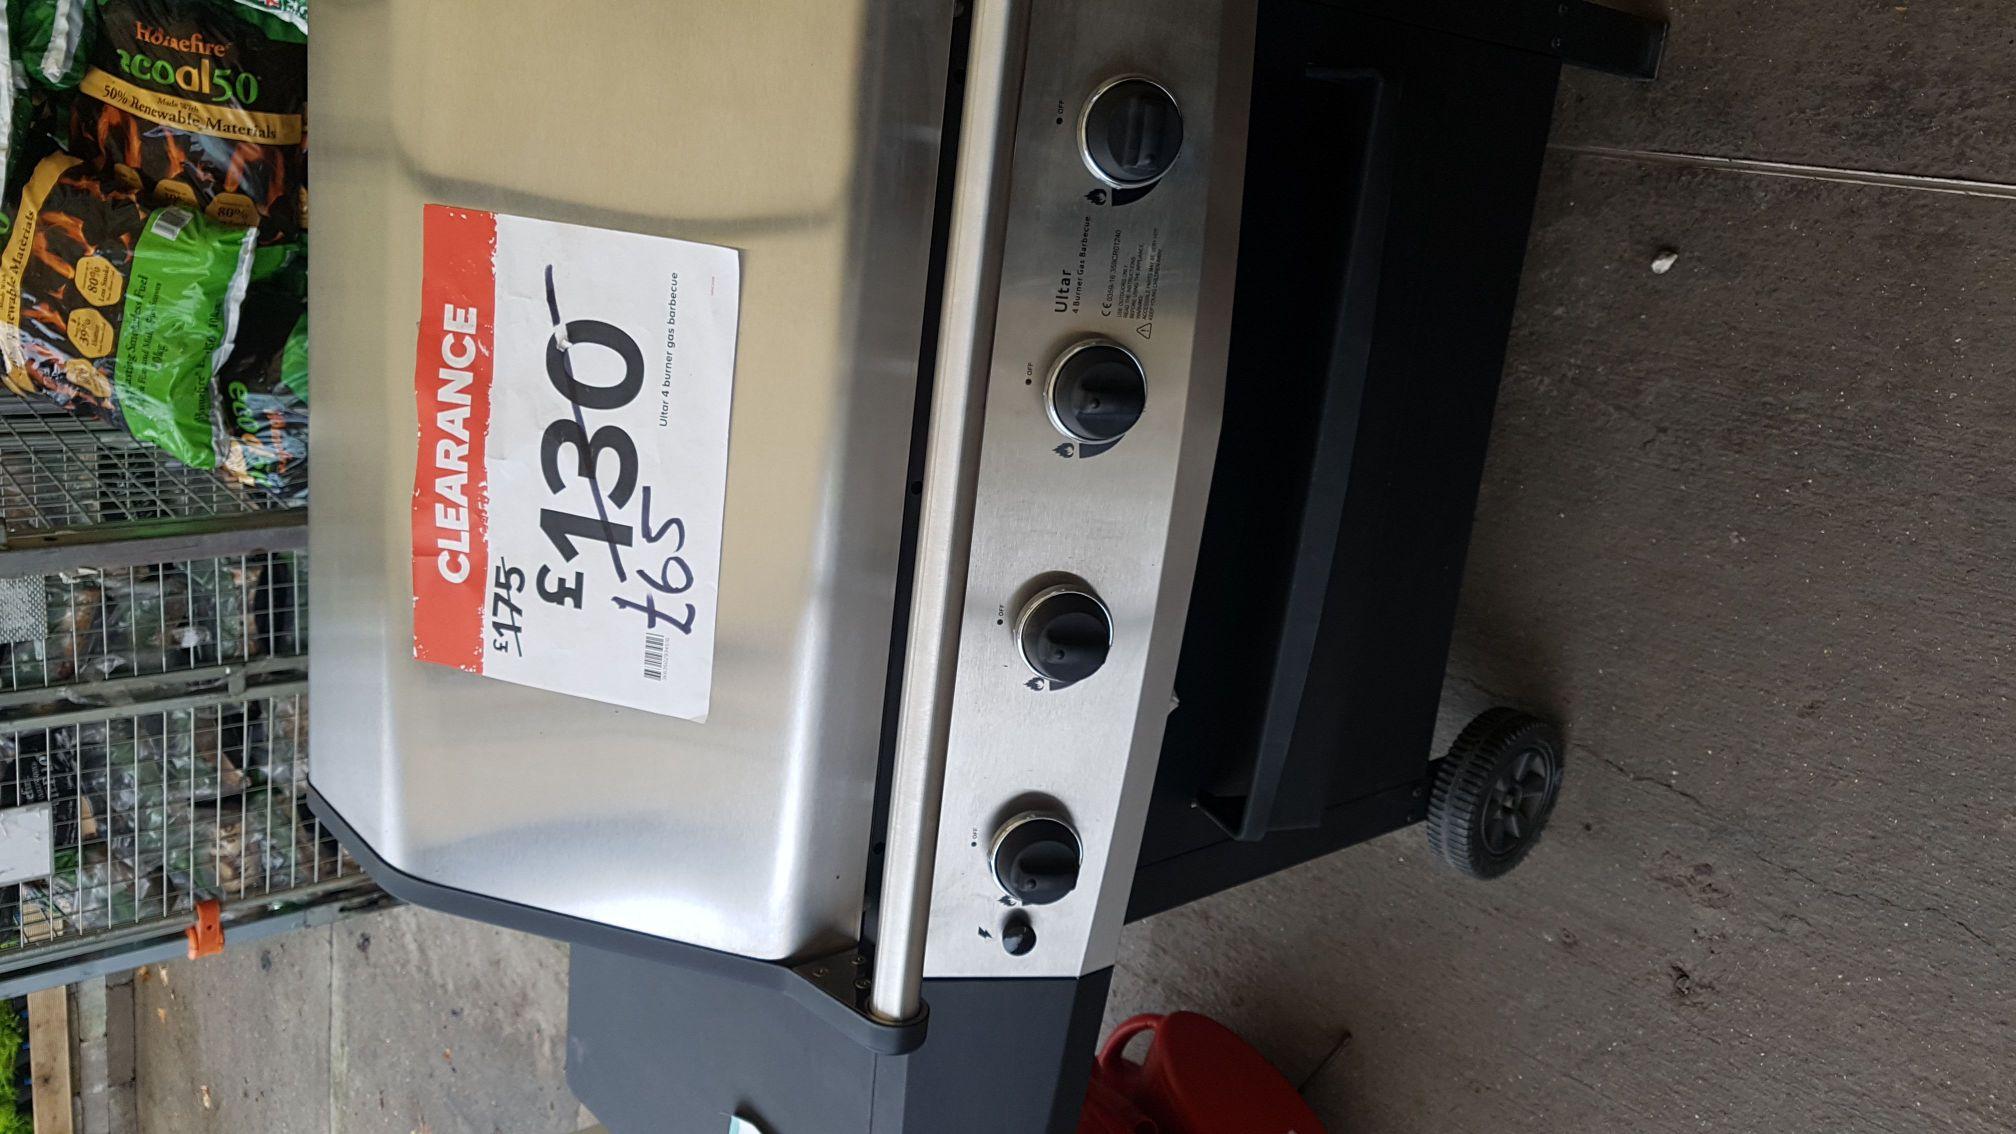 Ultar 4 burner gas bbq - £65 instore @ B&Q